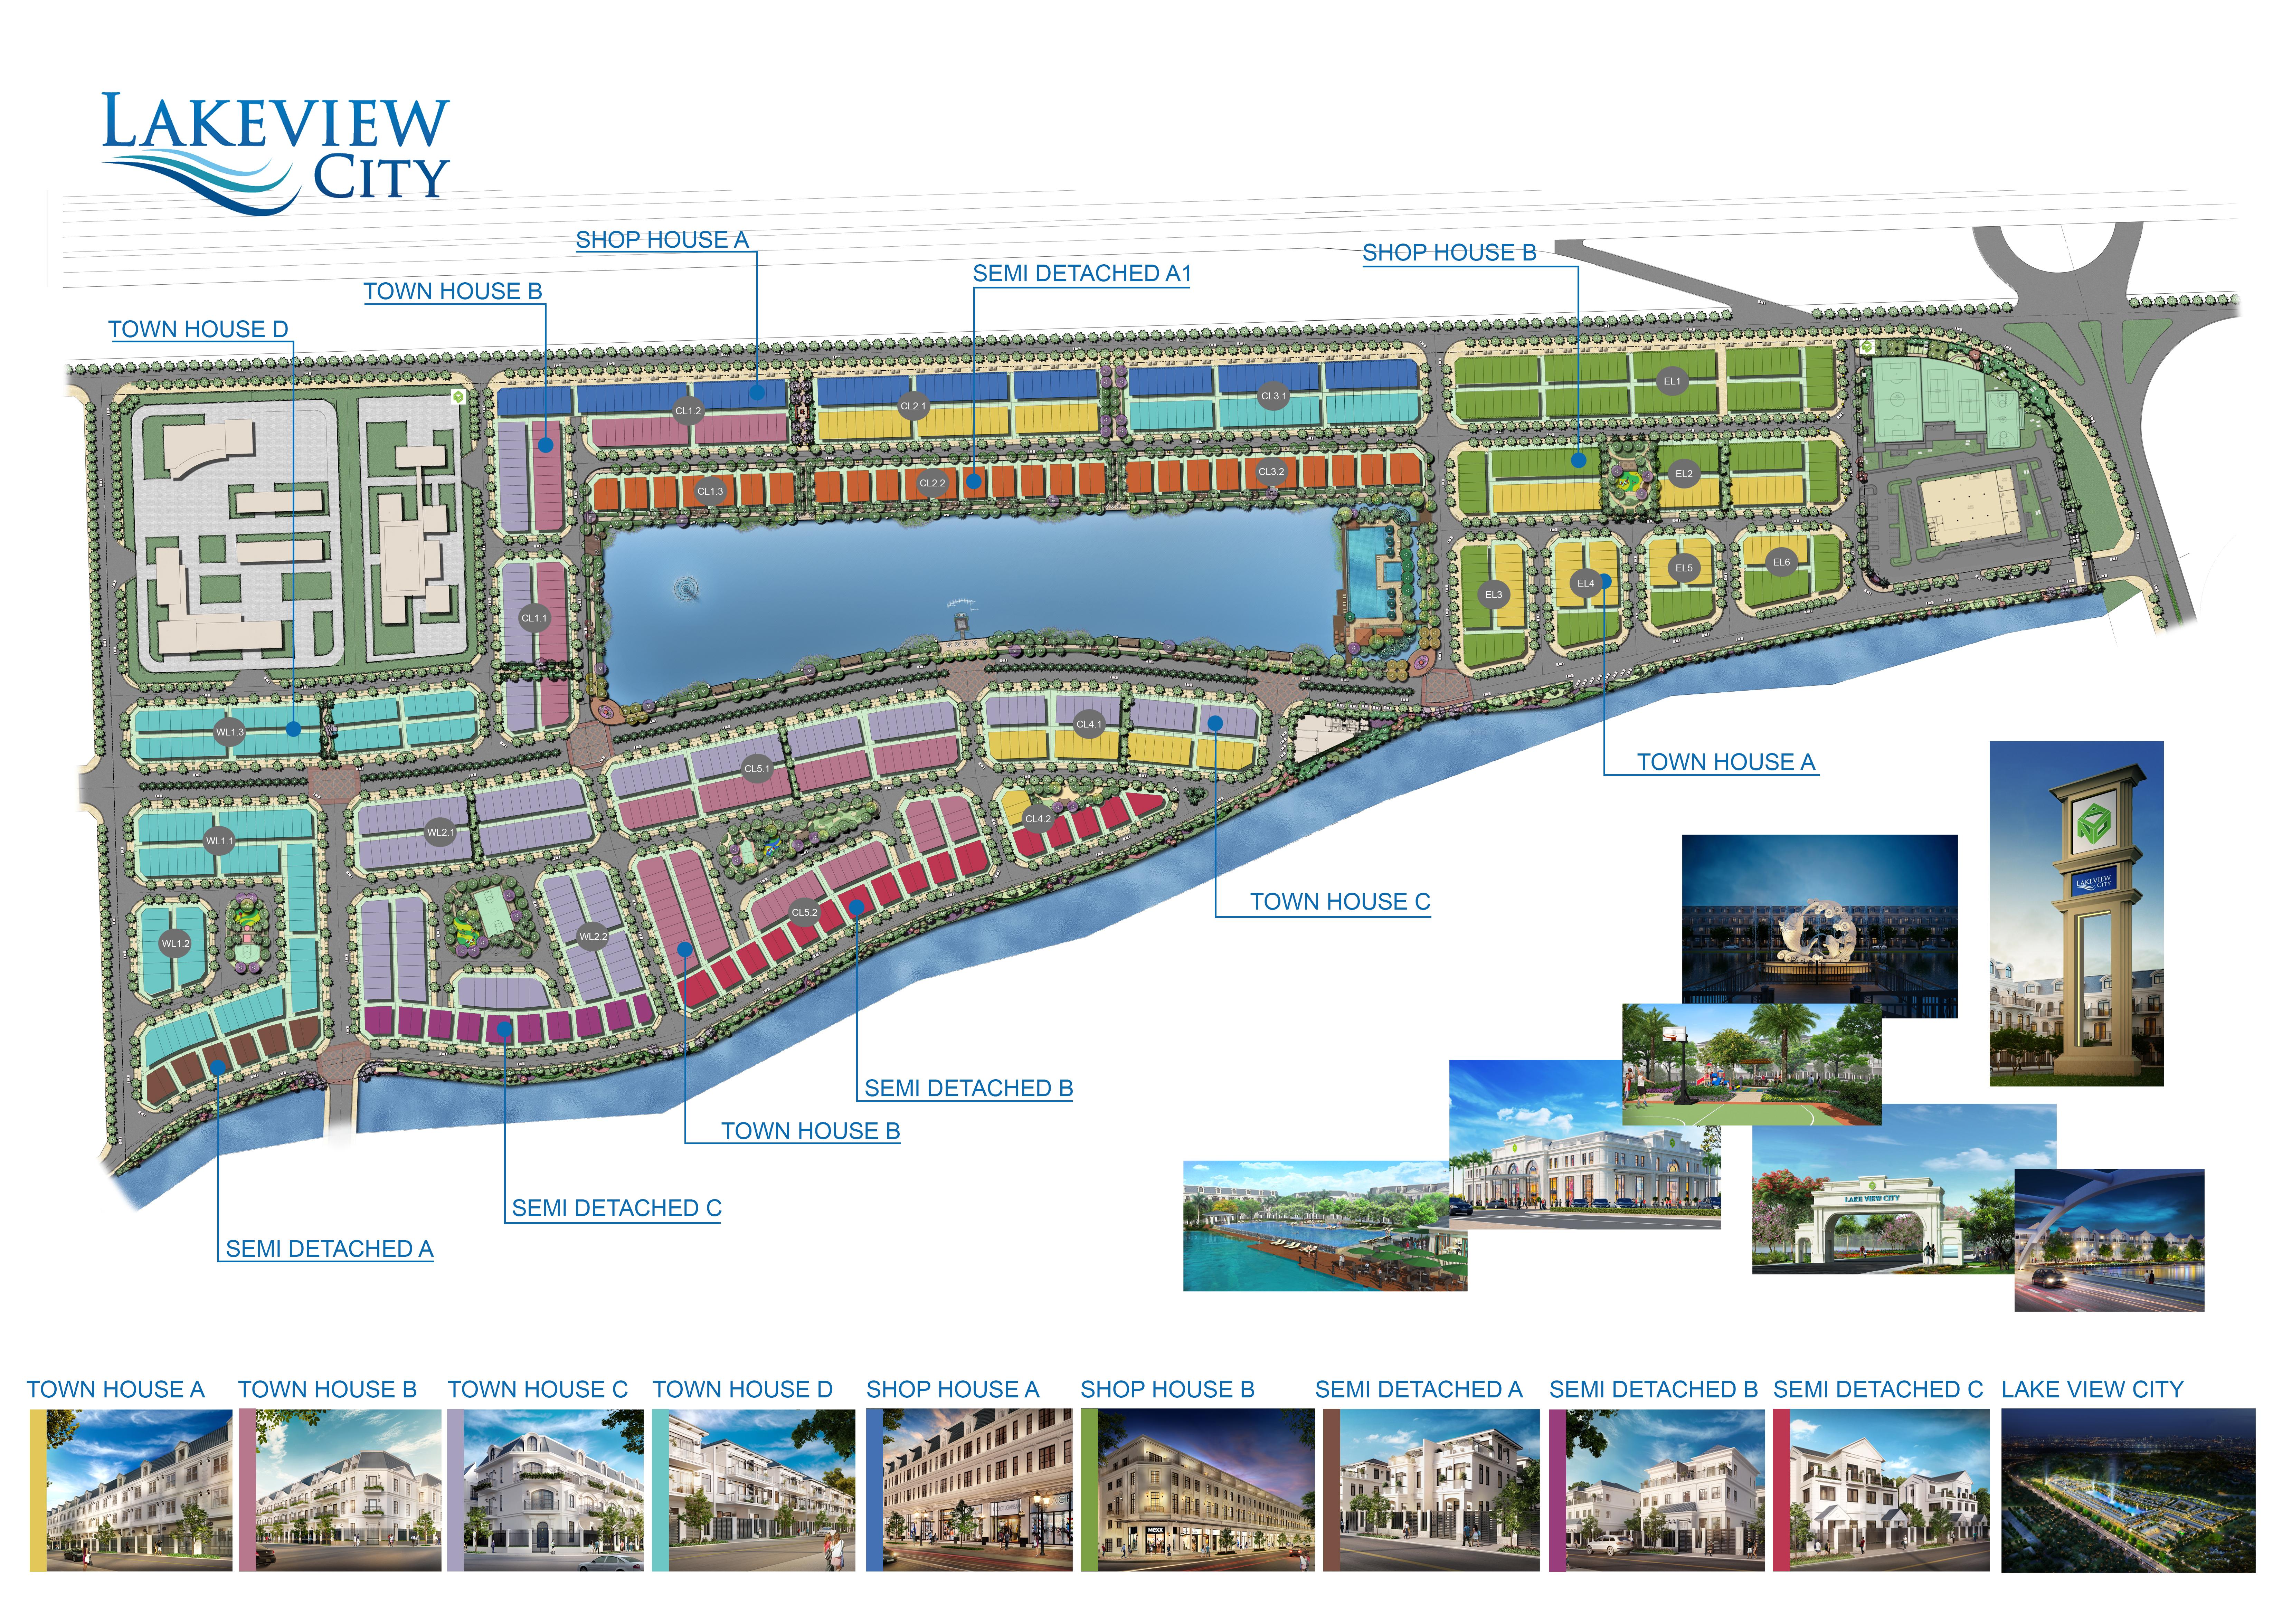 Bản đồ quy hoạch mặt bằng sử dụng đất Lakeview City